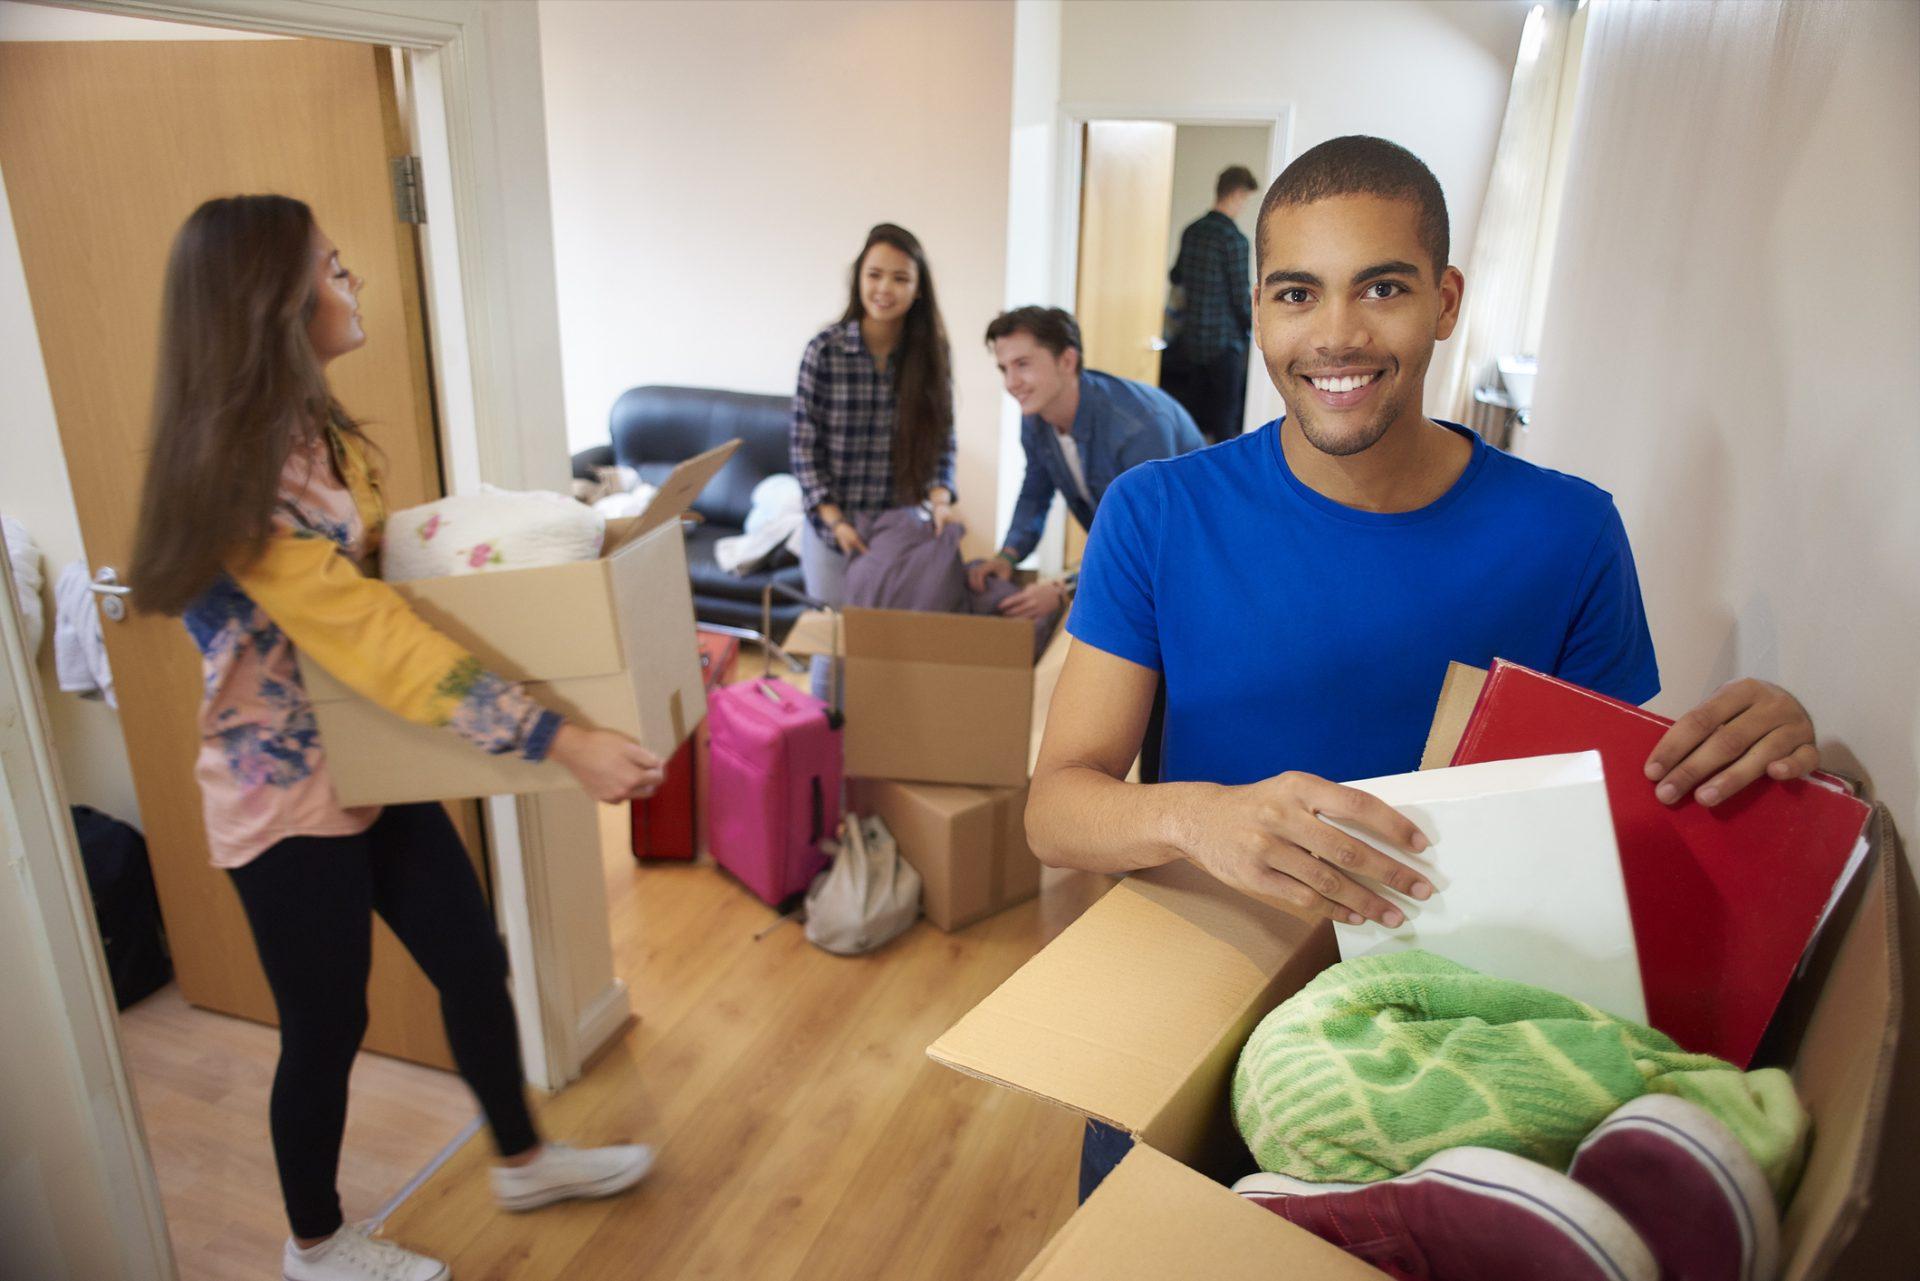 5 dicas para estudantes de Engenharia que vão morar sozinhos